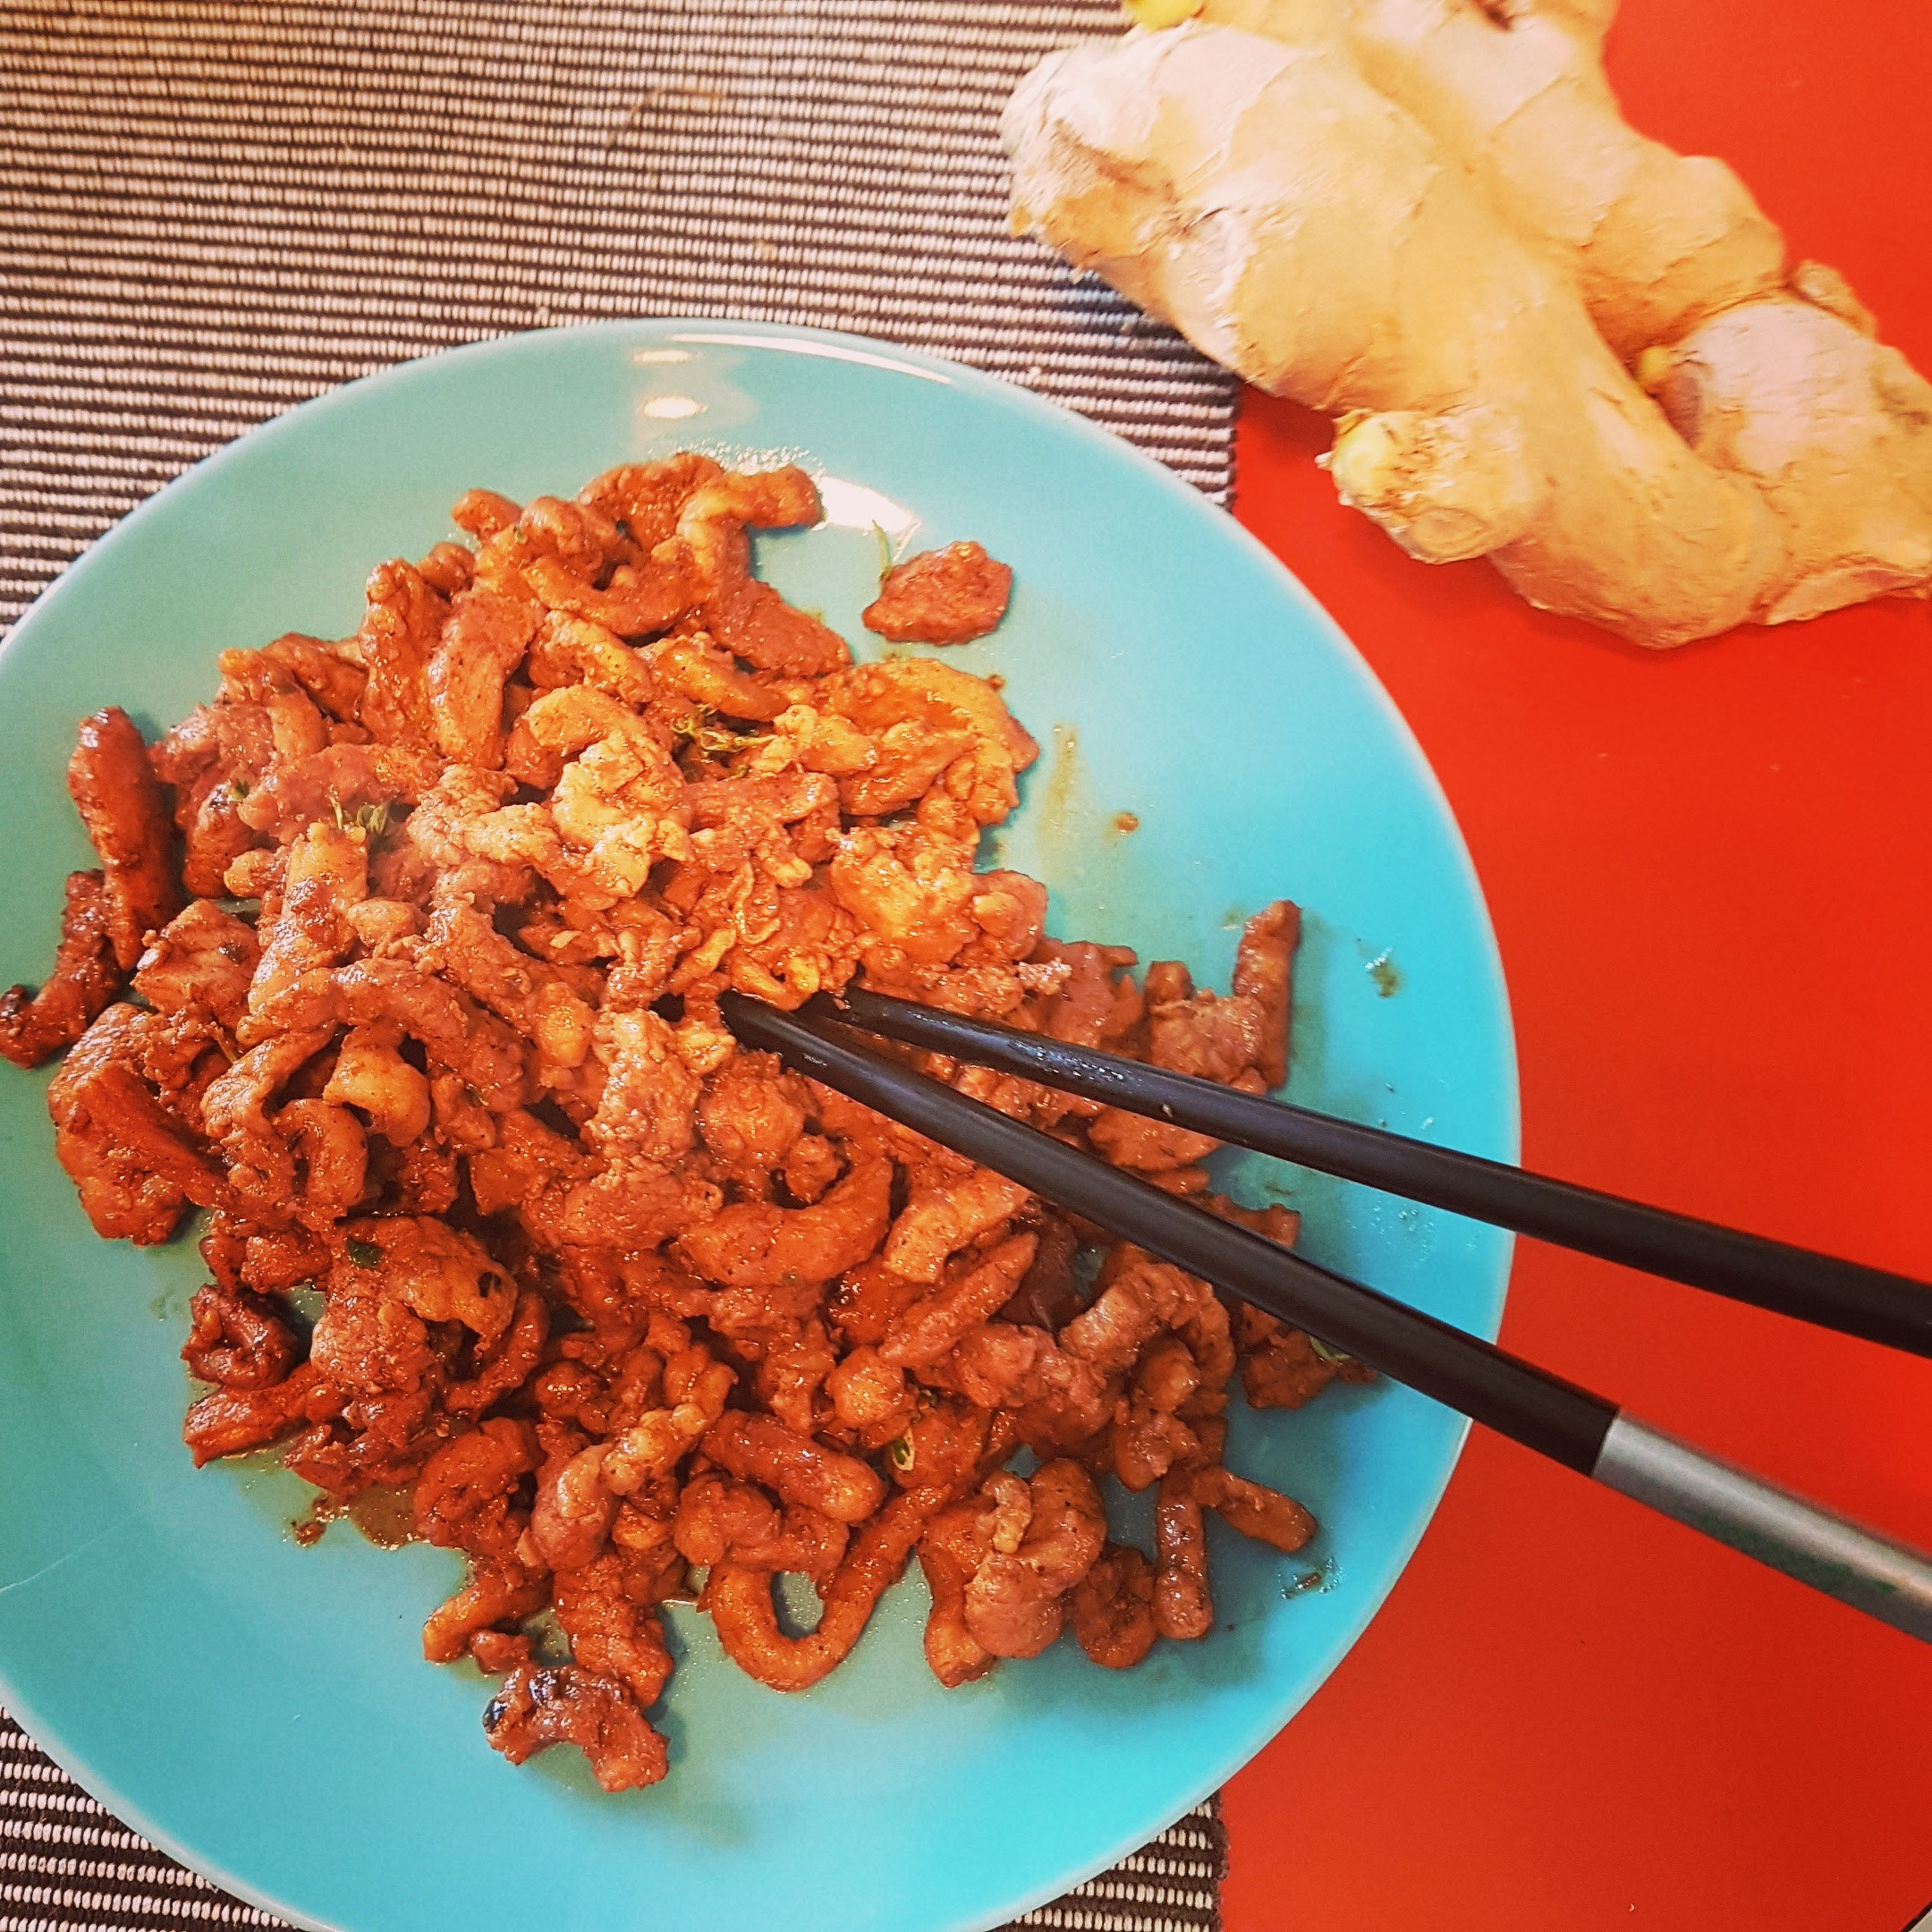 χοιρινό με τζίντζερ soya and worcester sauce